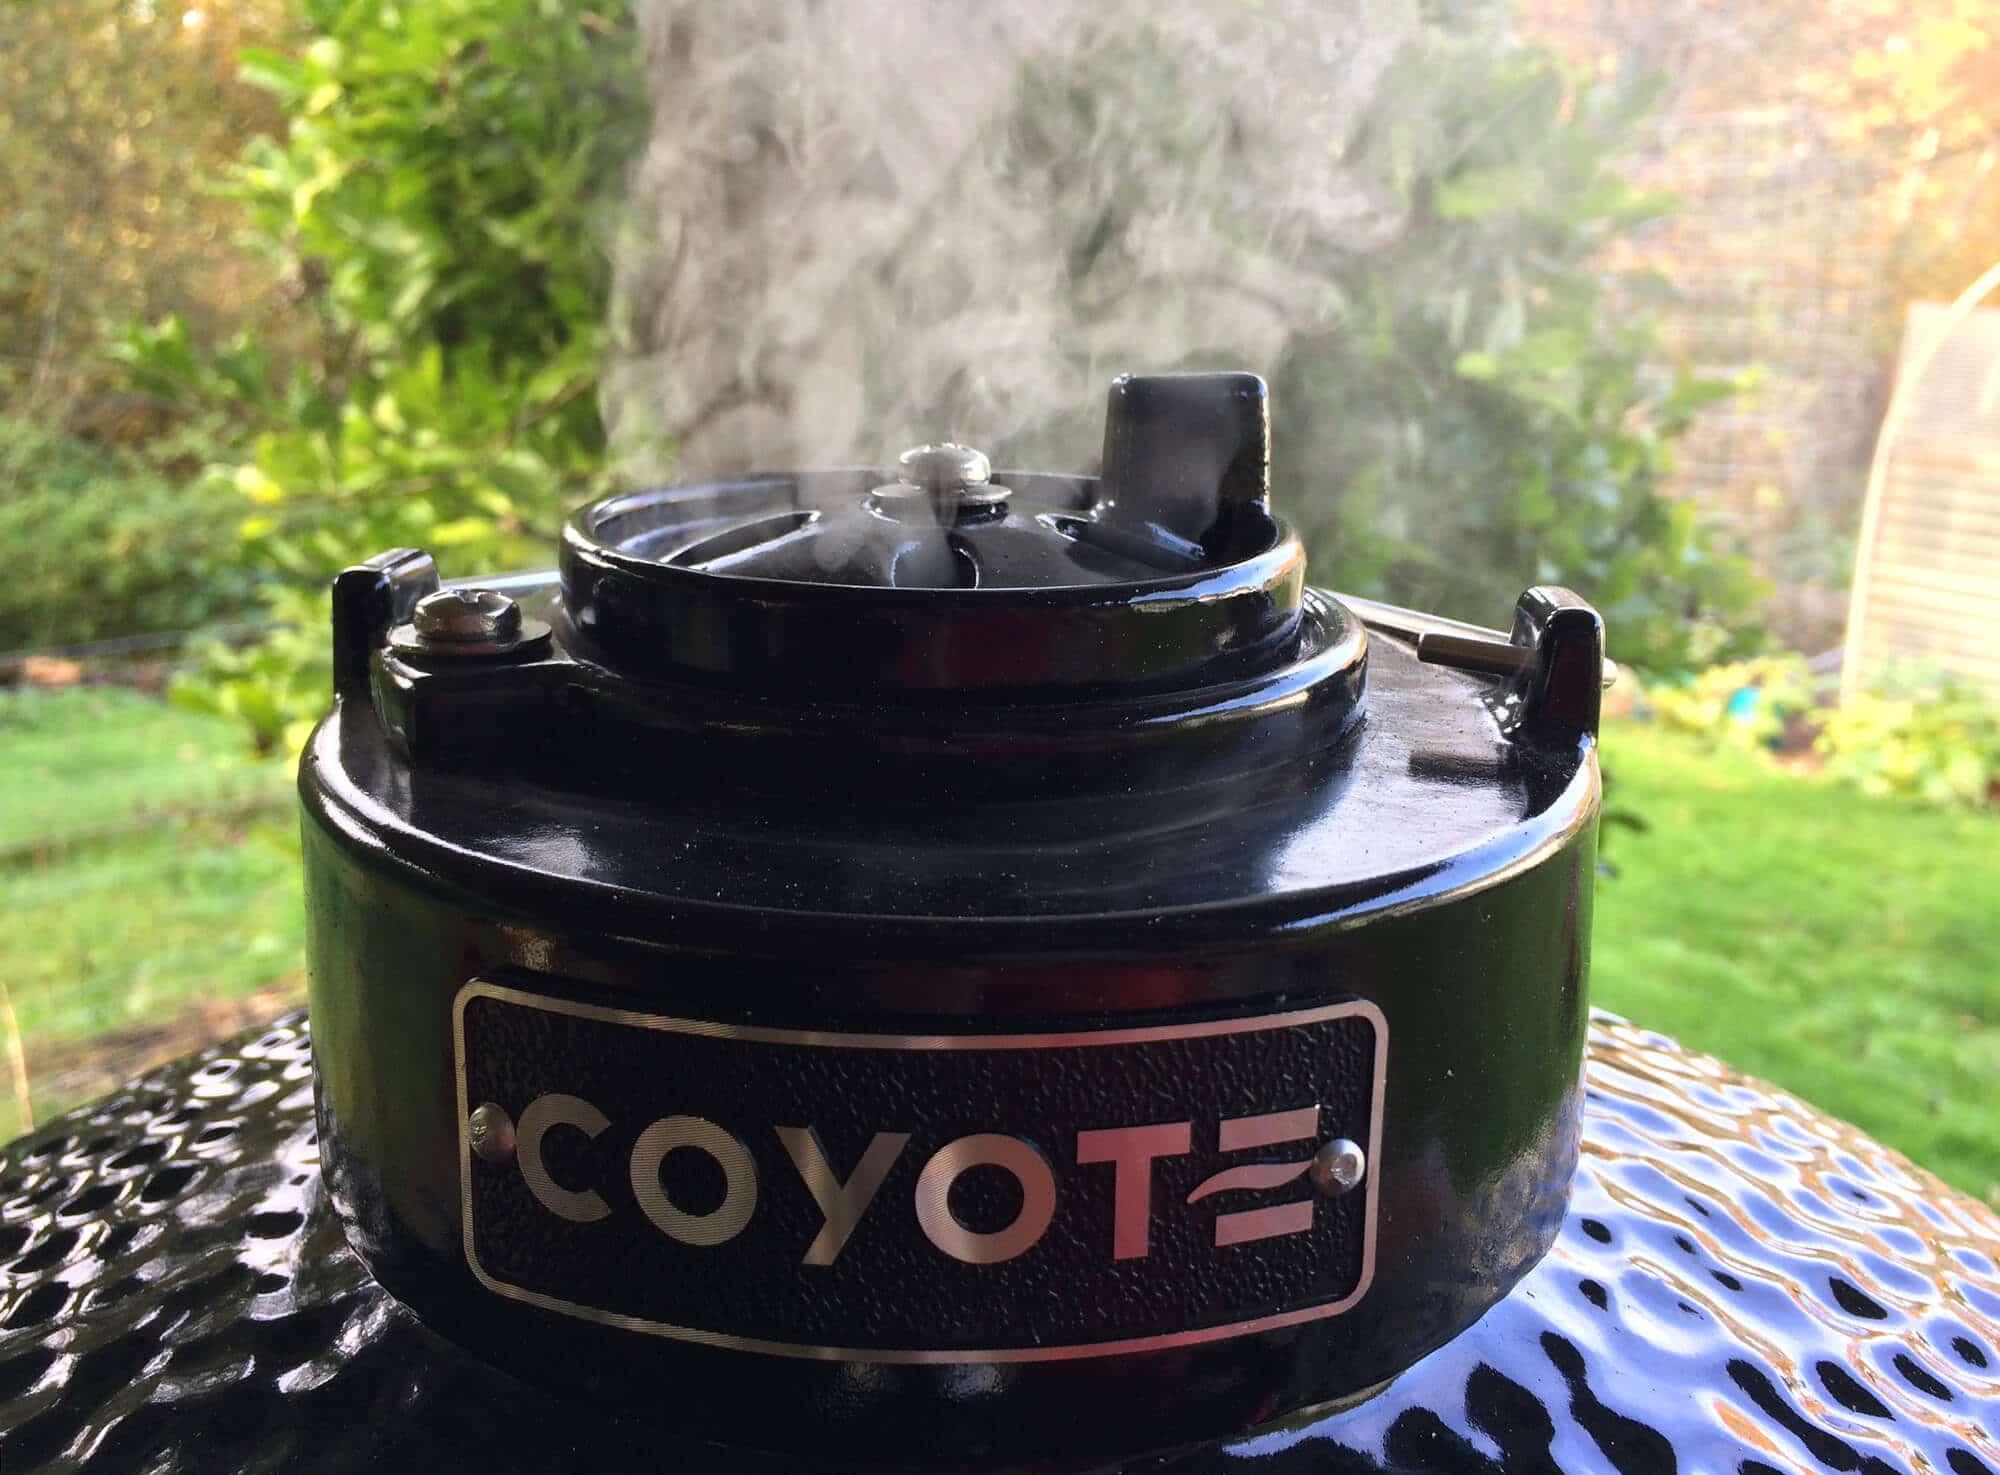 coyote-28